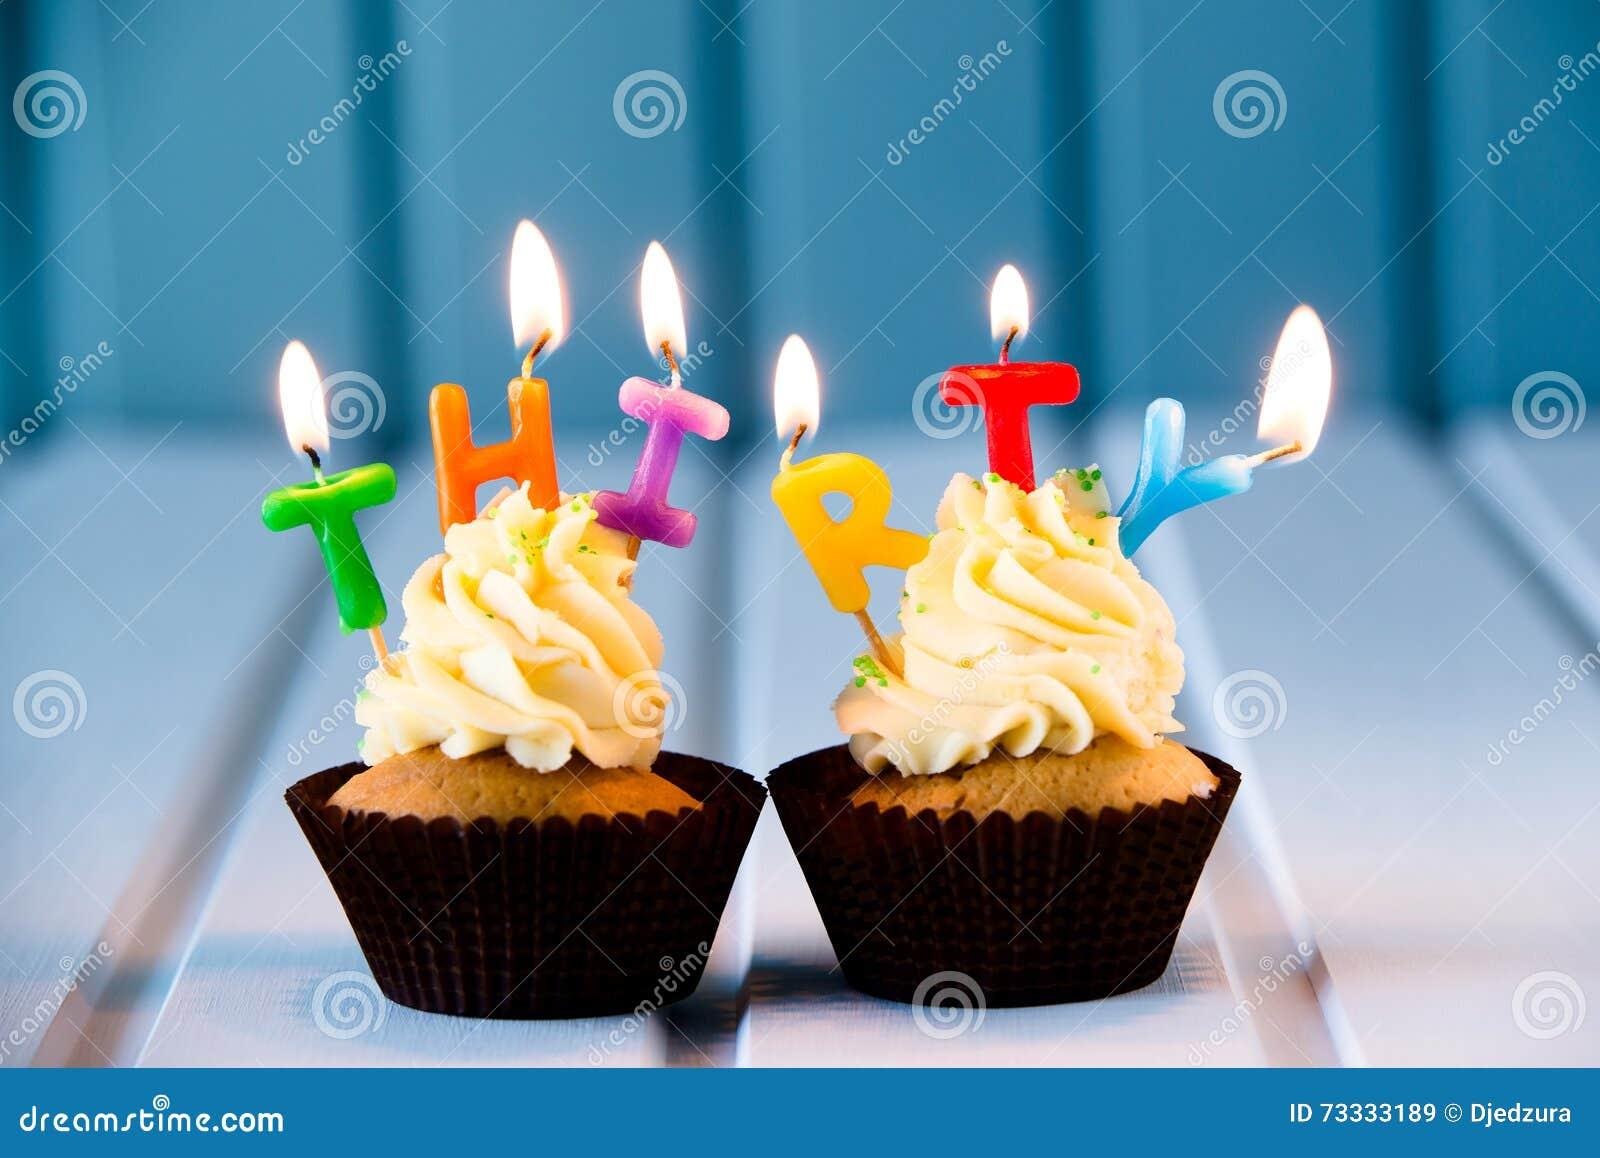 Petit Gâteau Avec Des Bougies Pour 30 Trentième Anniversaire Image